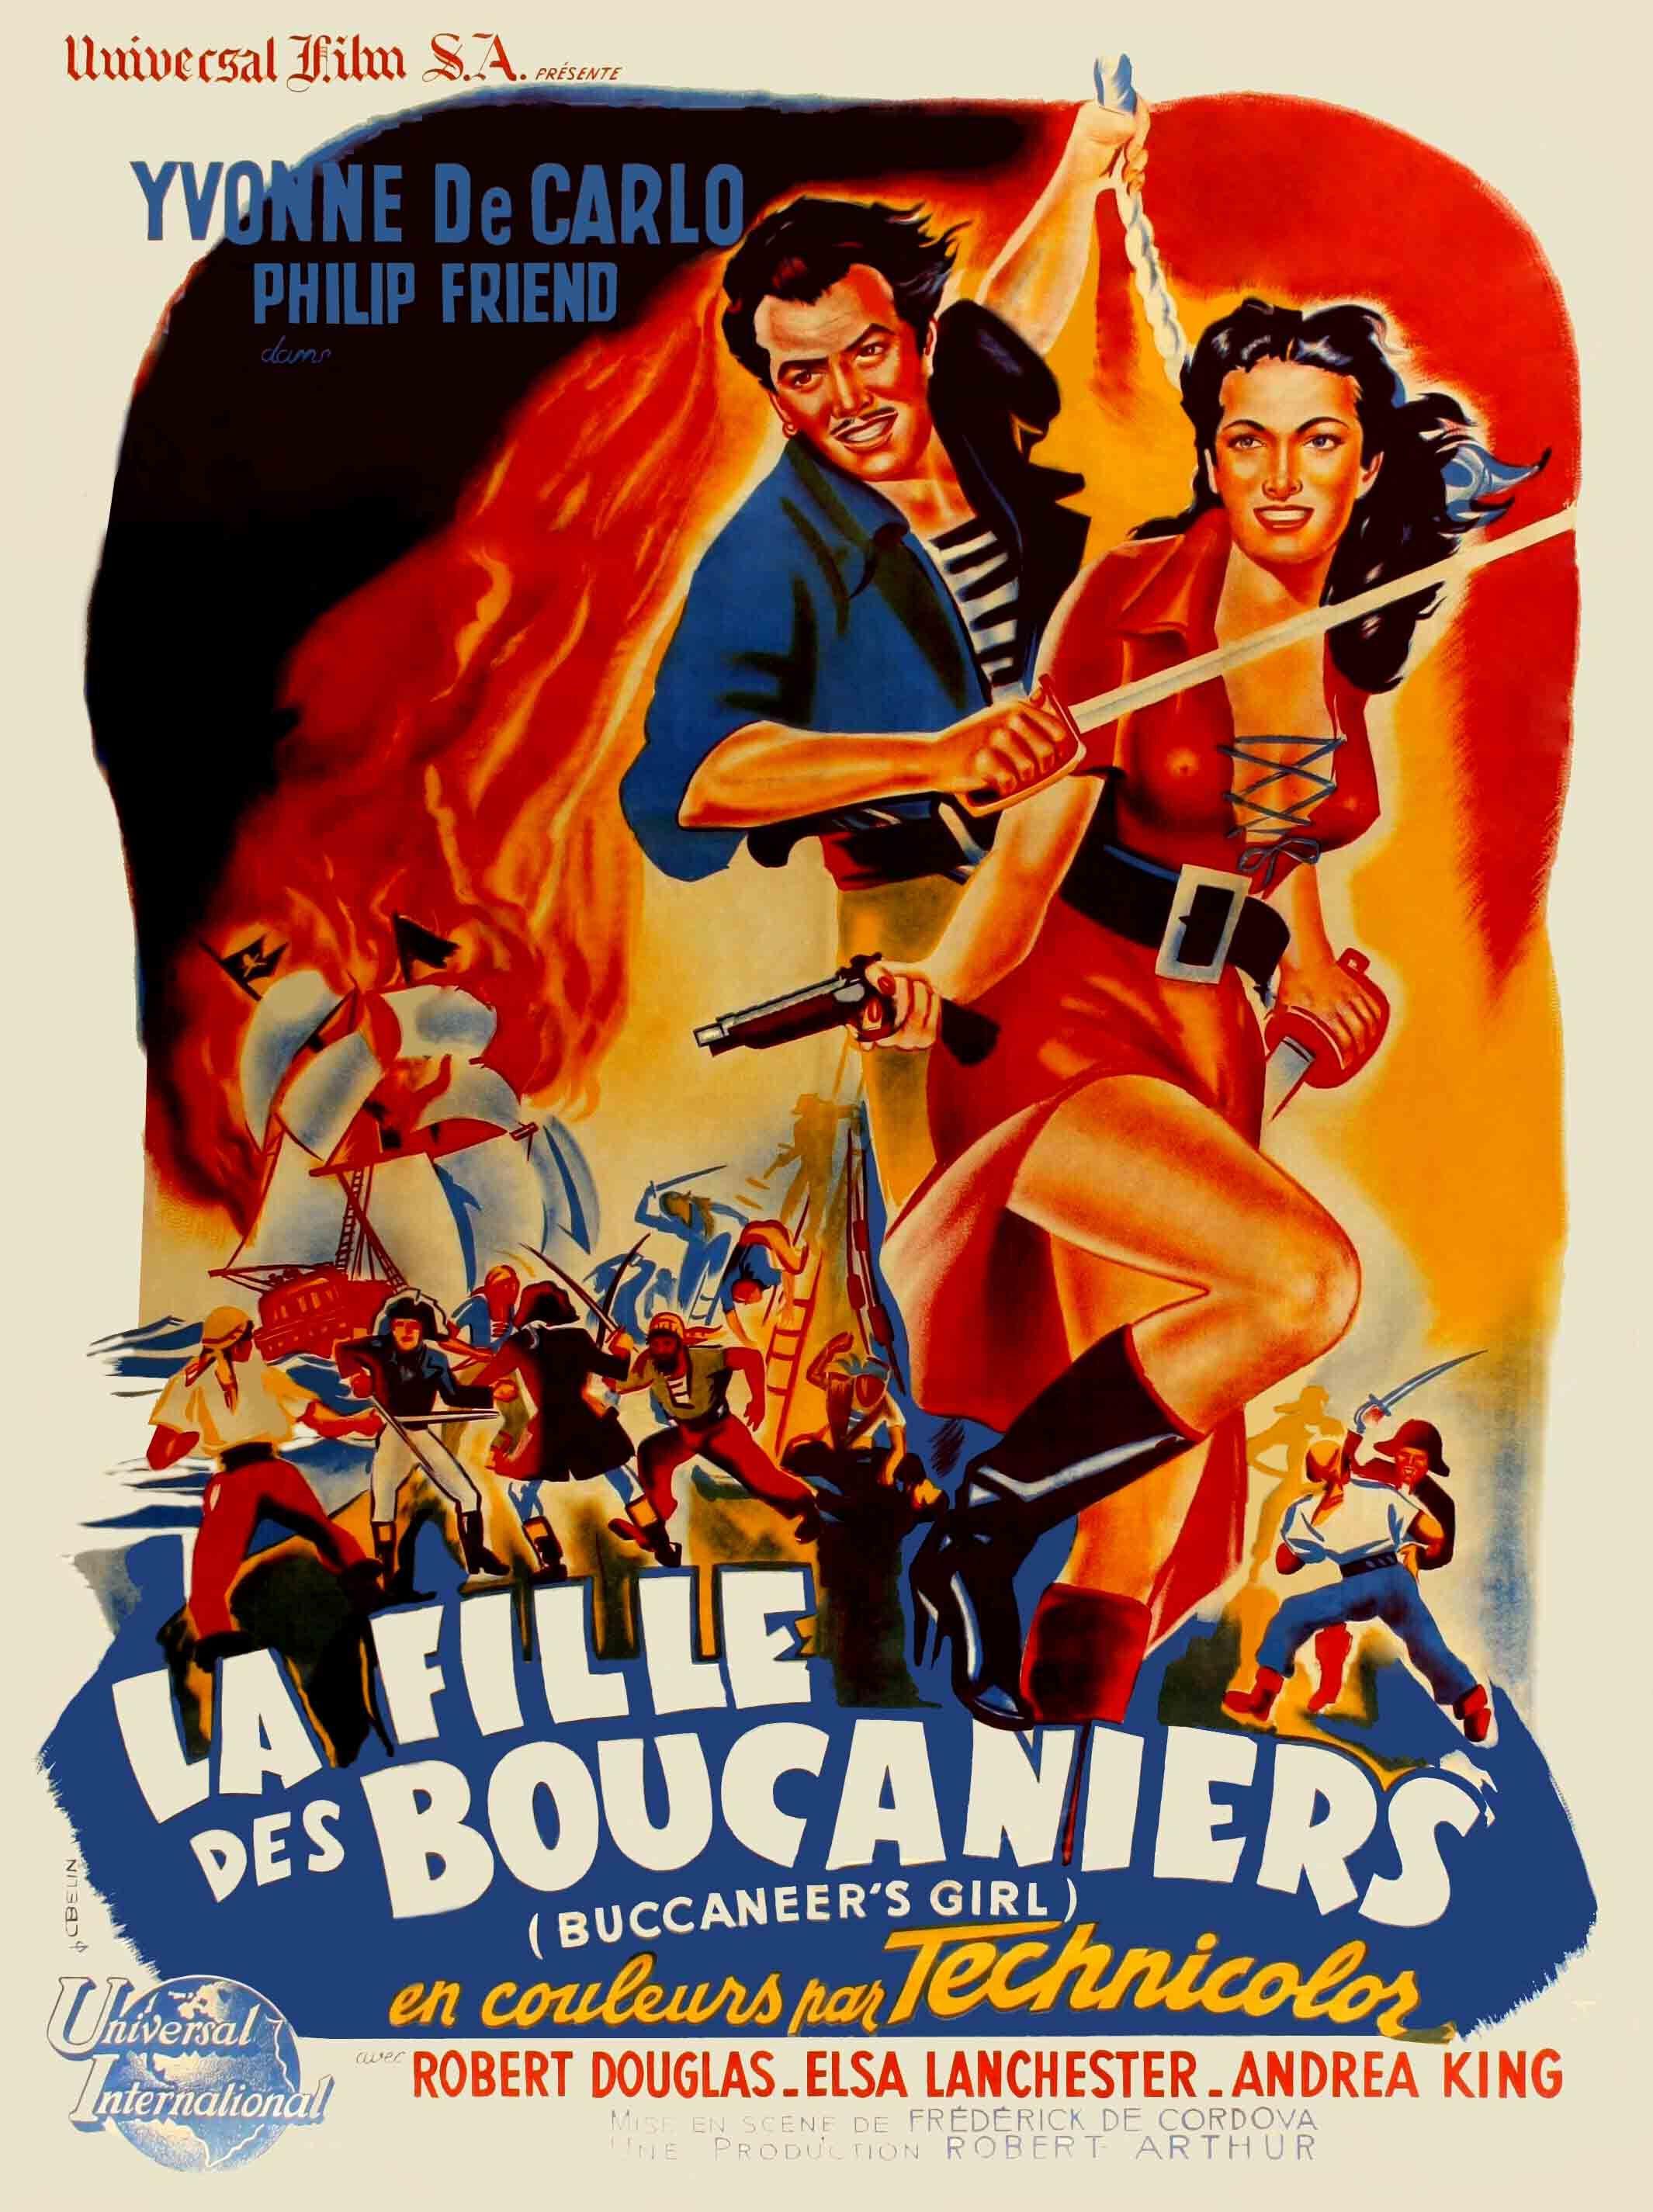 Buccaneer's Girl (1950) Film, Yvonne de carlo, Affiche